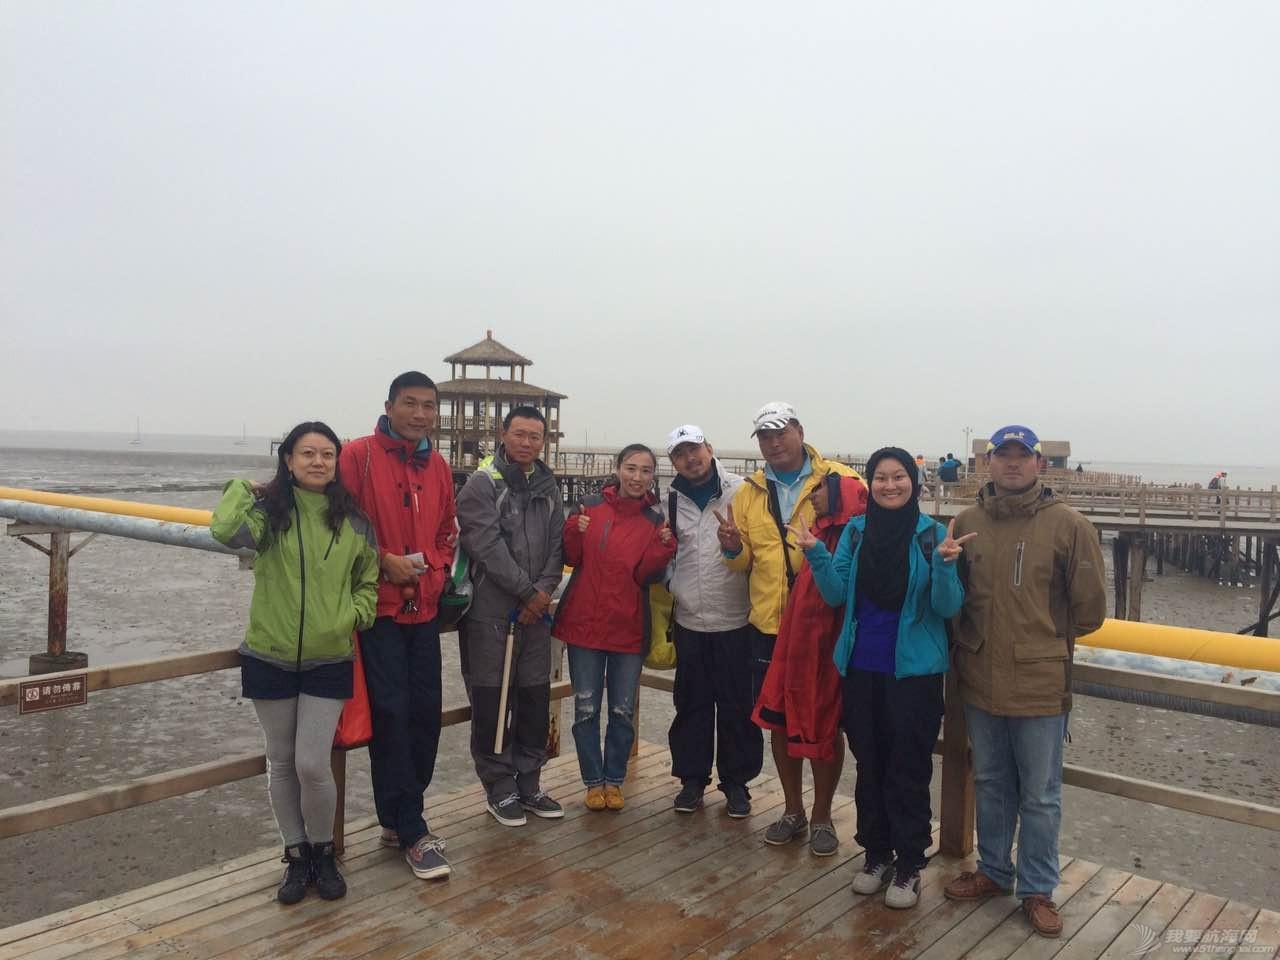 日程表,中国 中国帆船比赛日程表【长期更新中】 IMG_1336.JPG